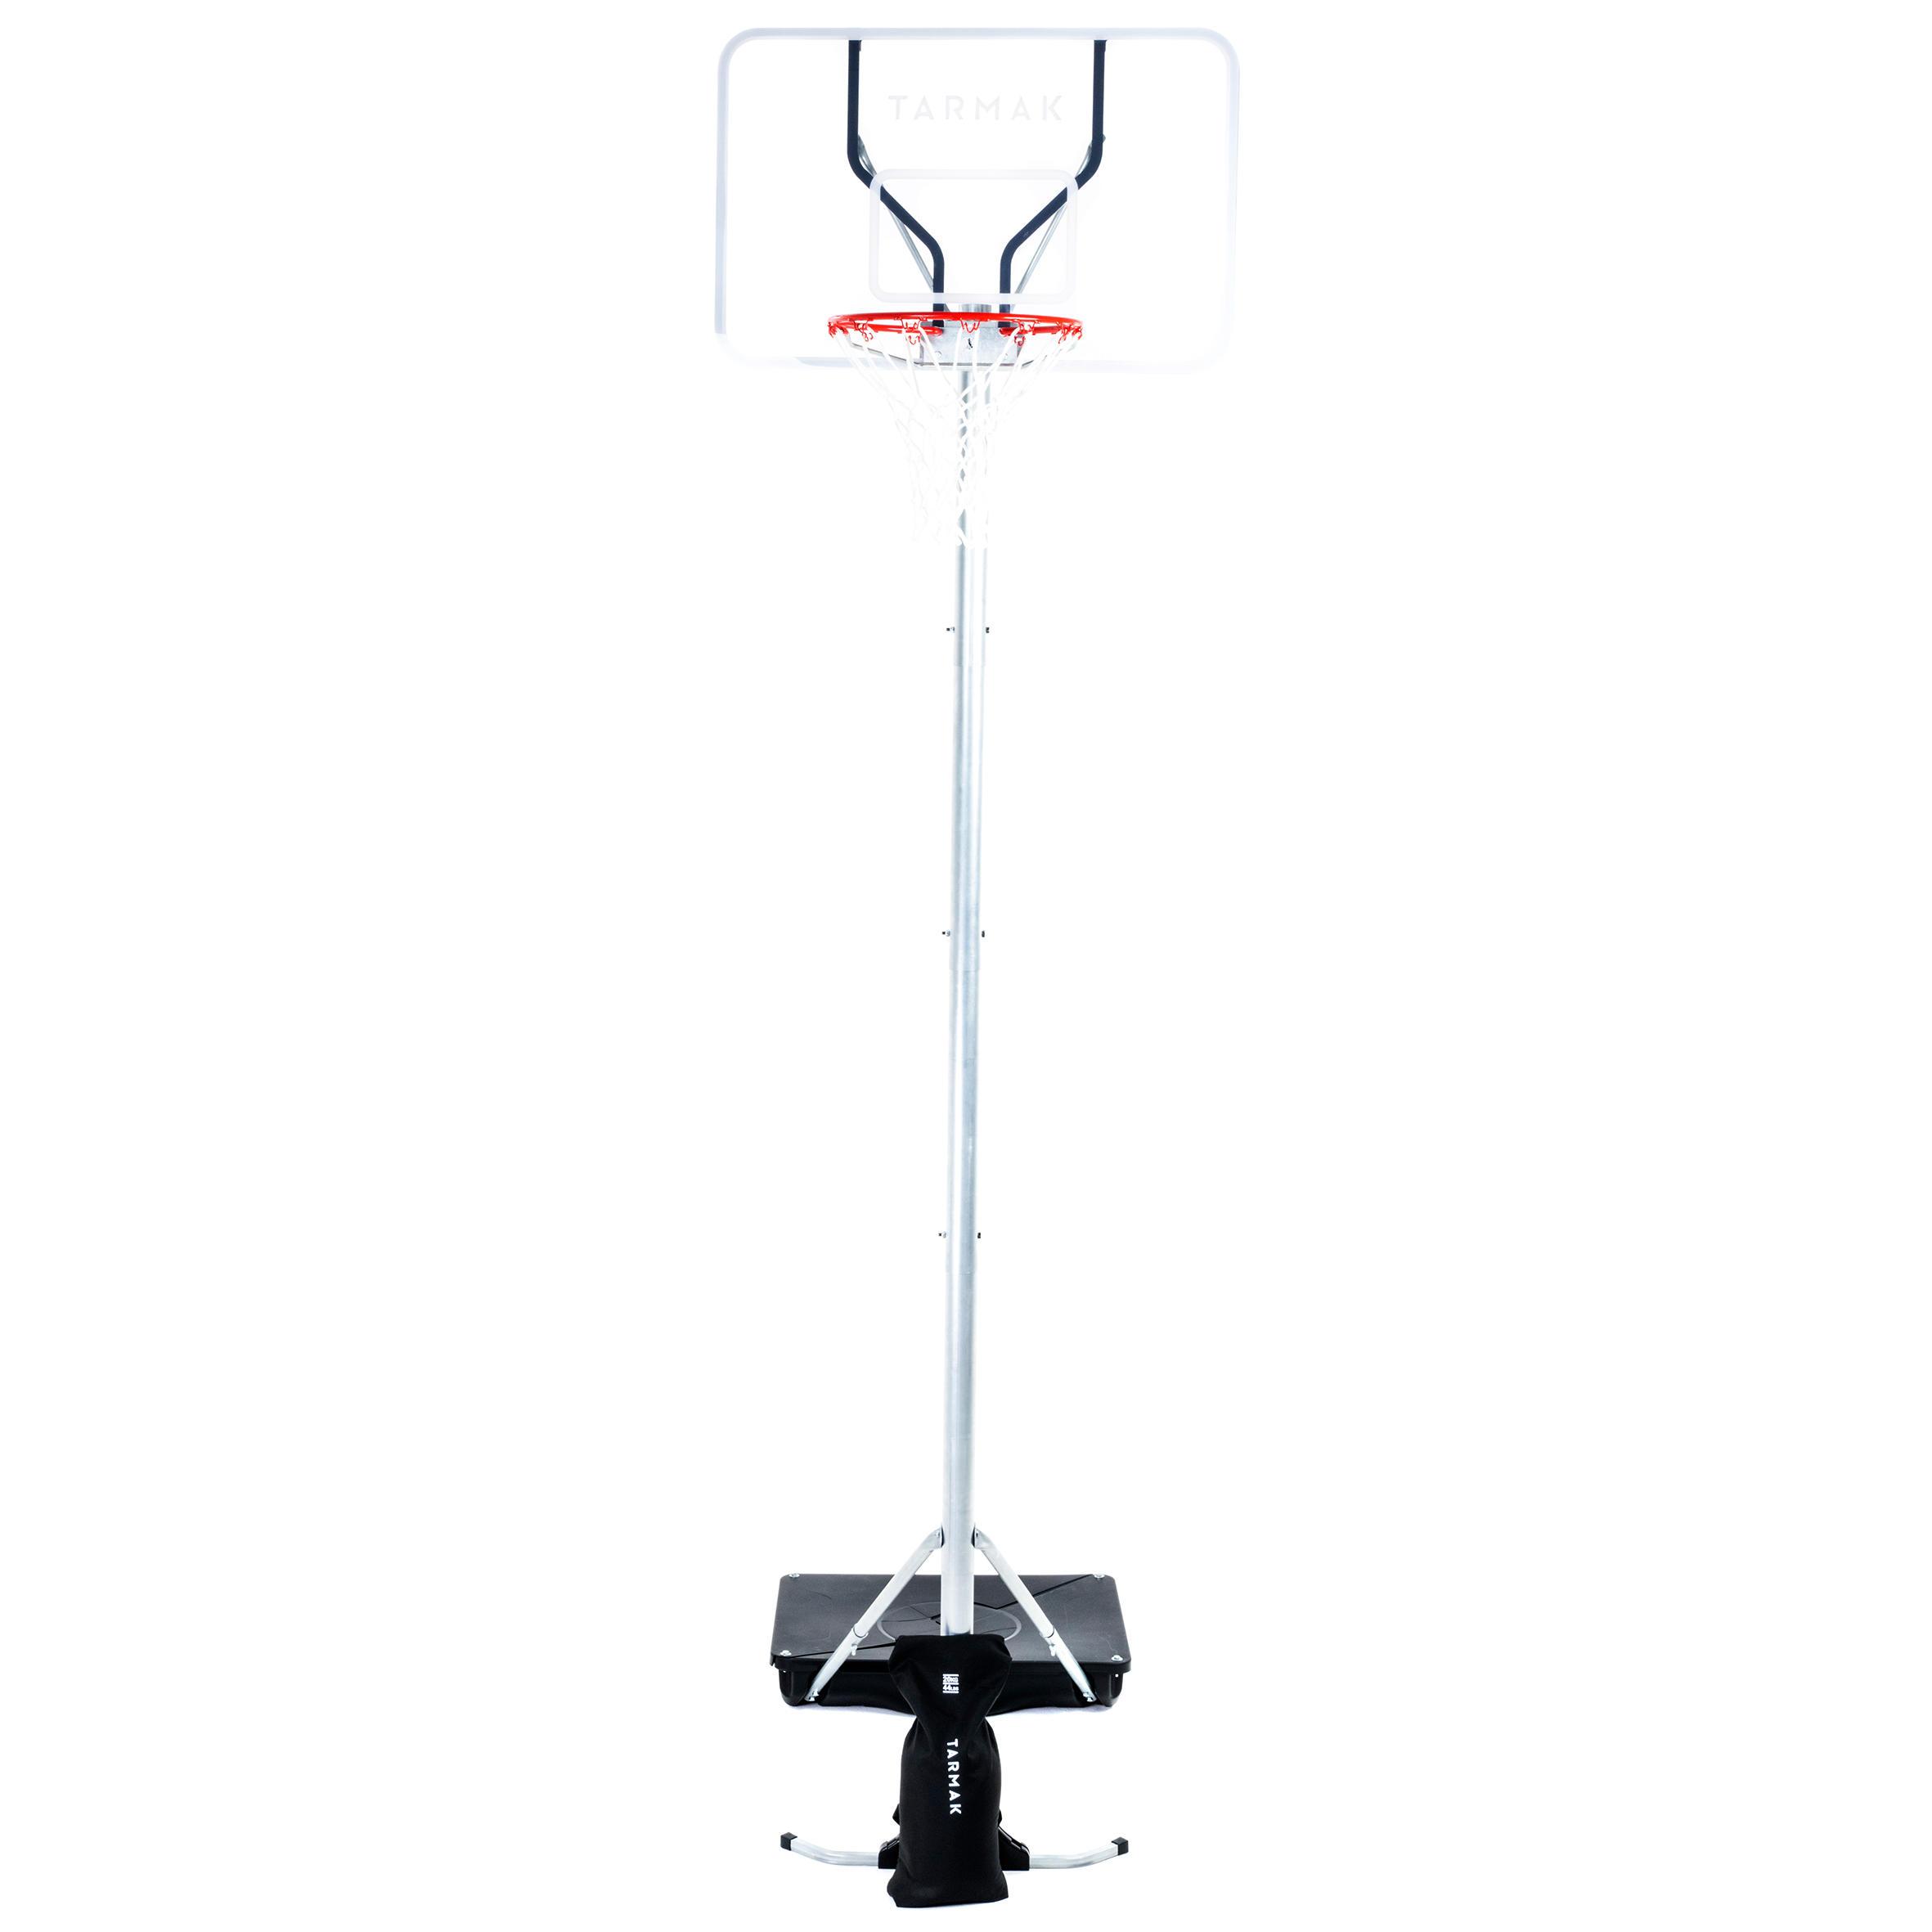 Damen,Herren,Jungen,Kinder,Kinder Basketballkorb-Anlage B100 Pro Kinder Erwachsene 2 60 m bis 3 05 m. Plexi-Board. | 03583788101482